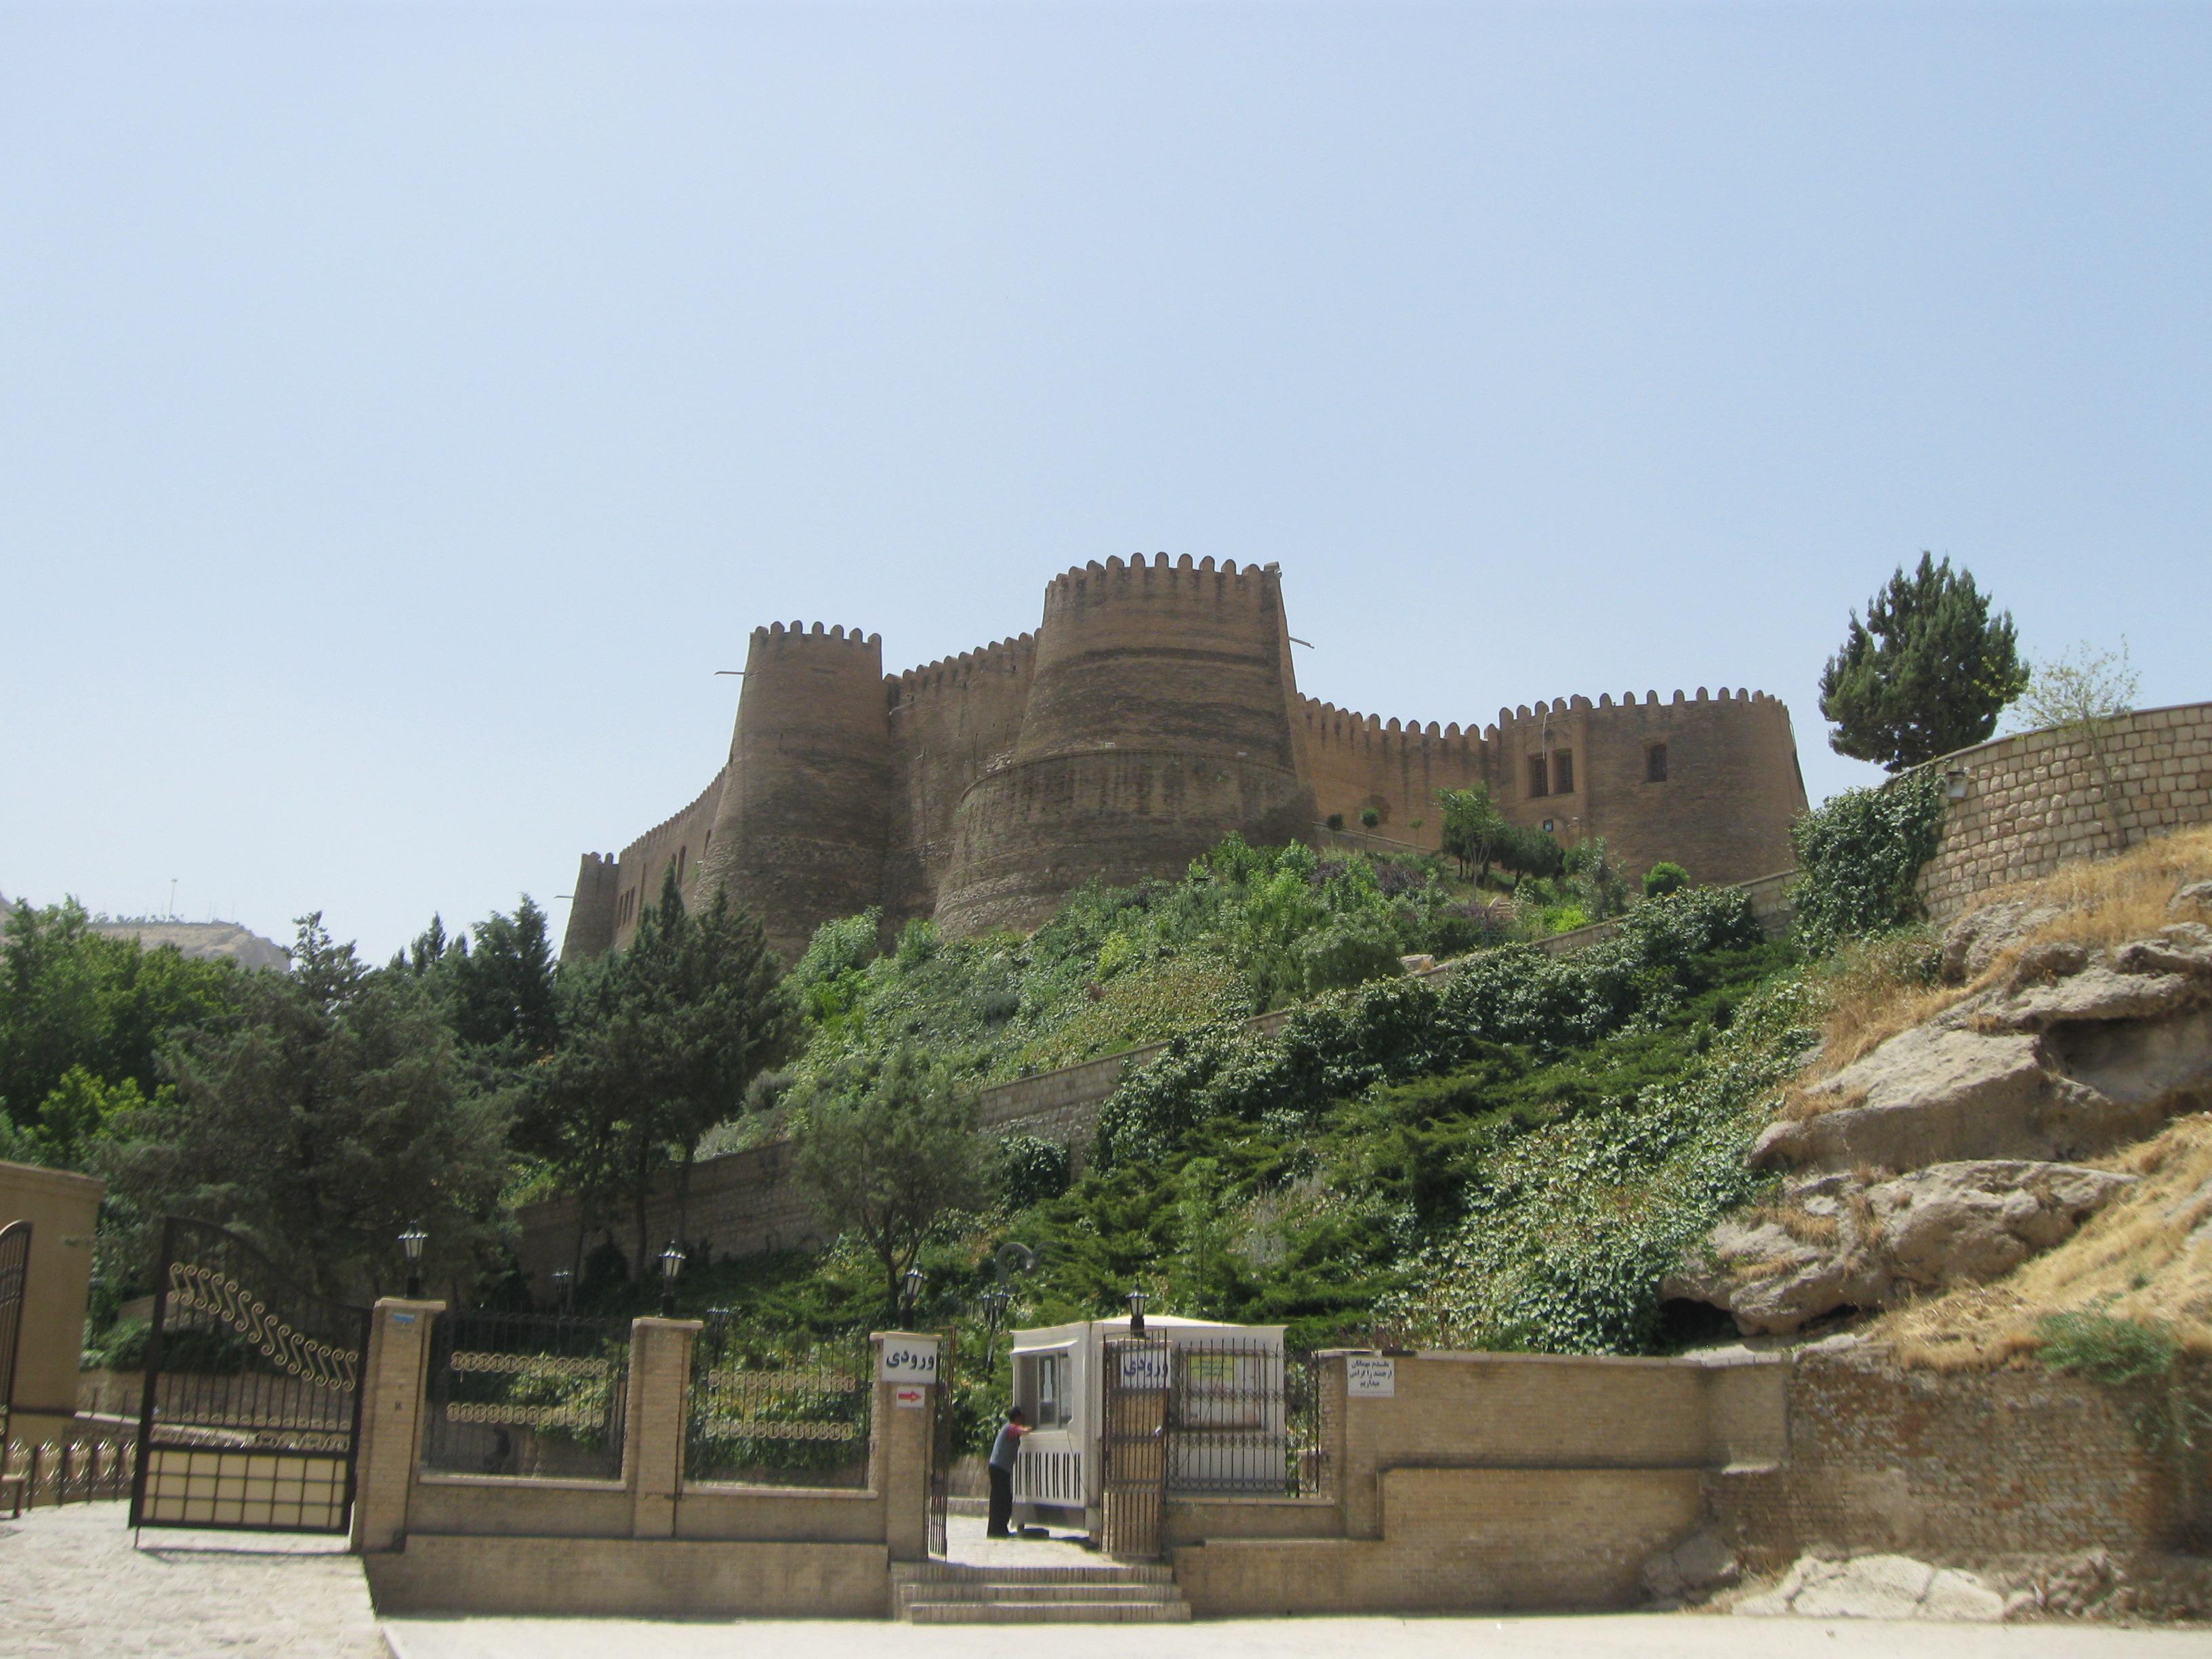 عضو اتحادیه دفاتر مسافرتی تونس در لُرستان